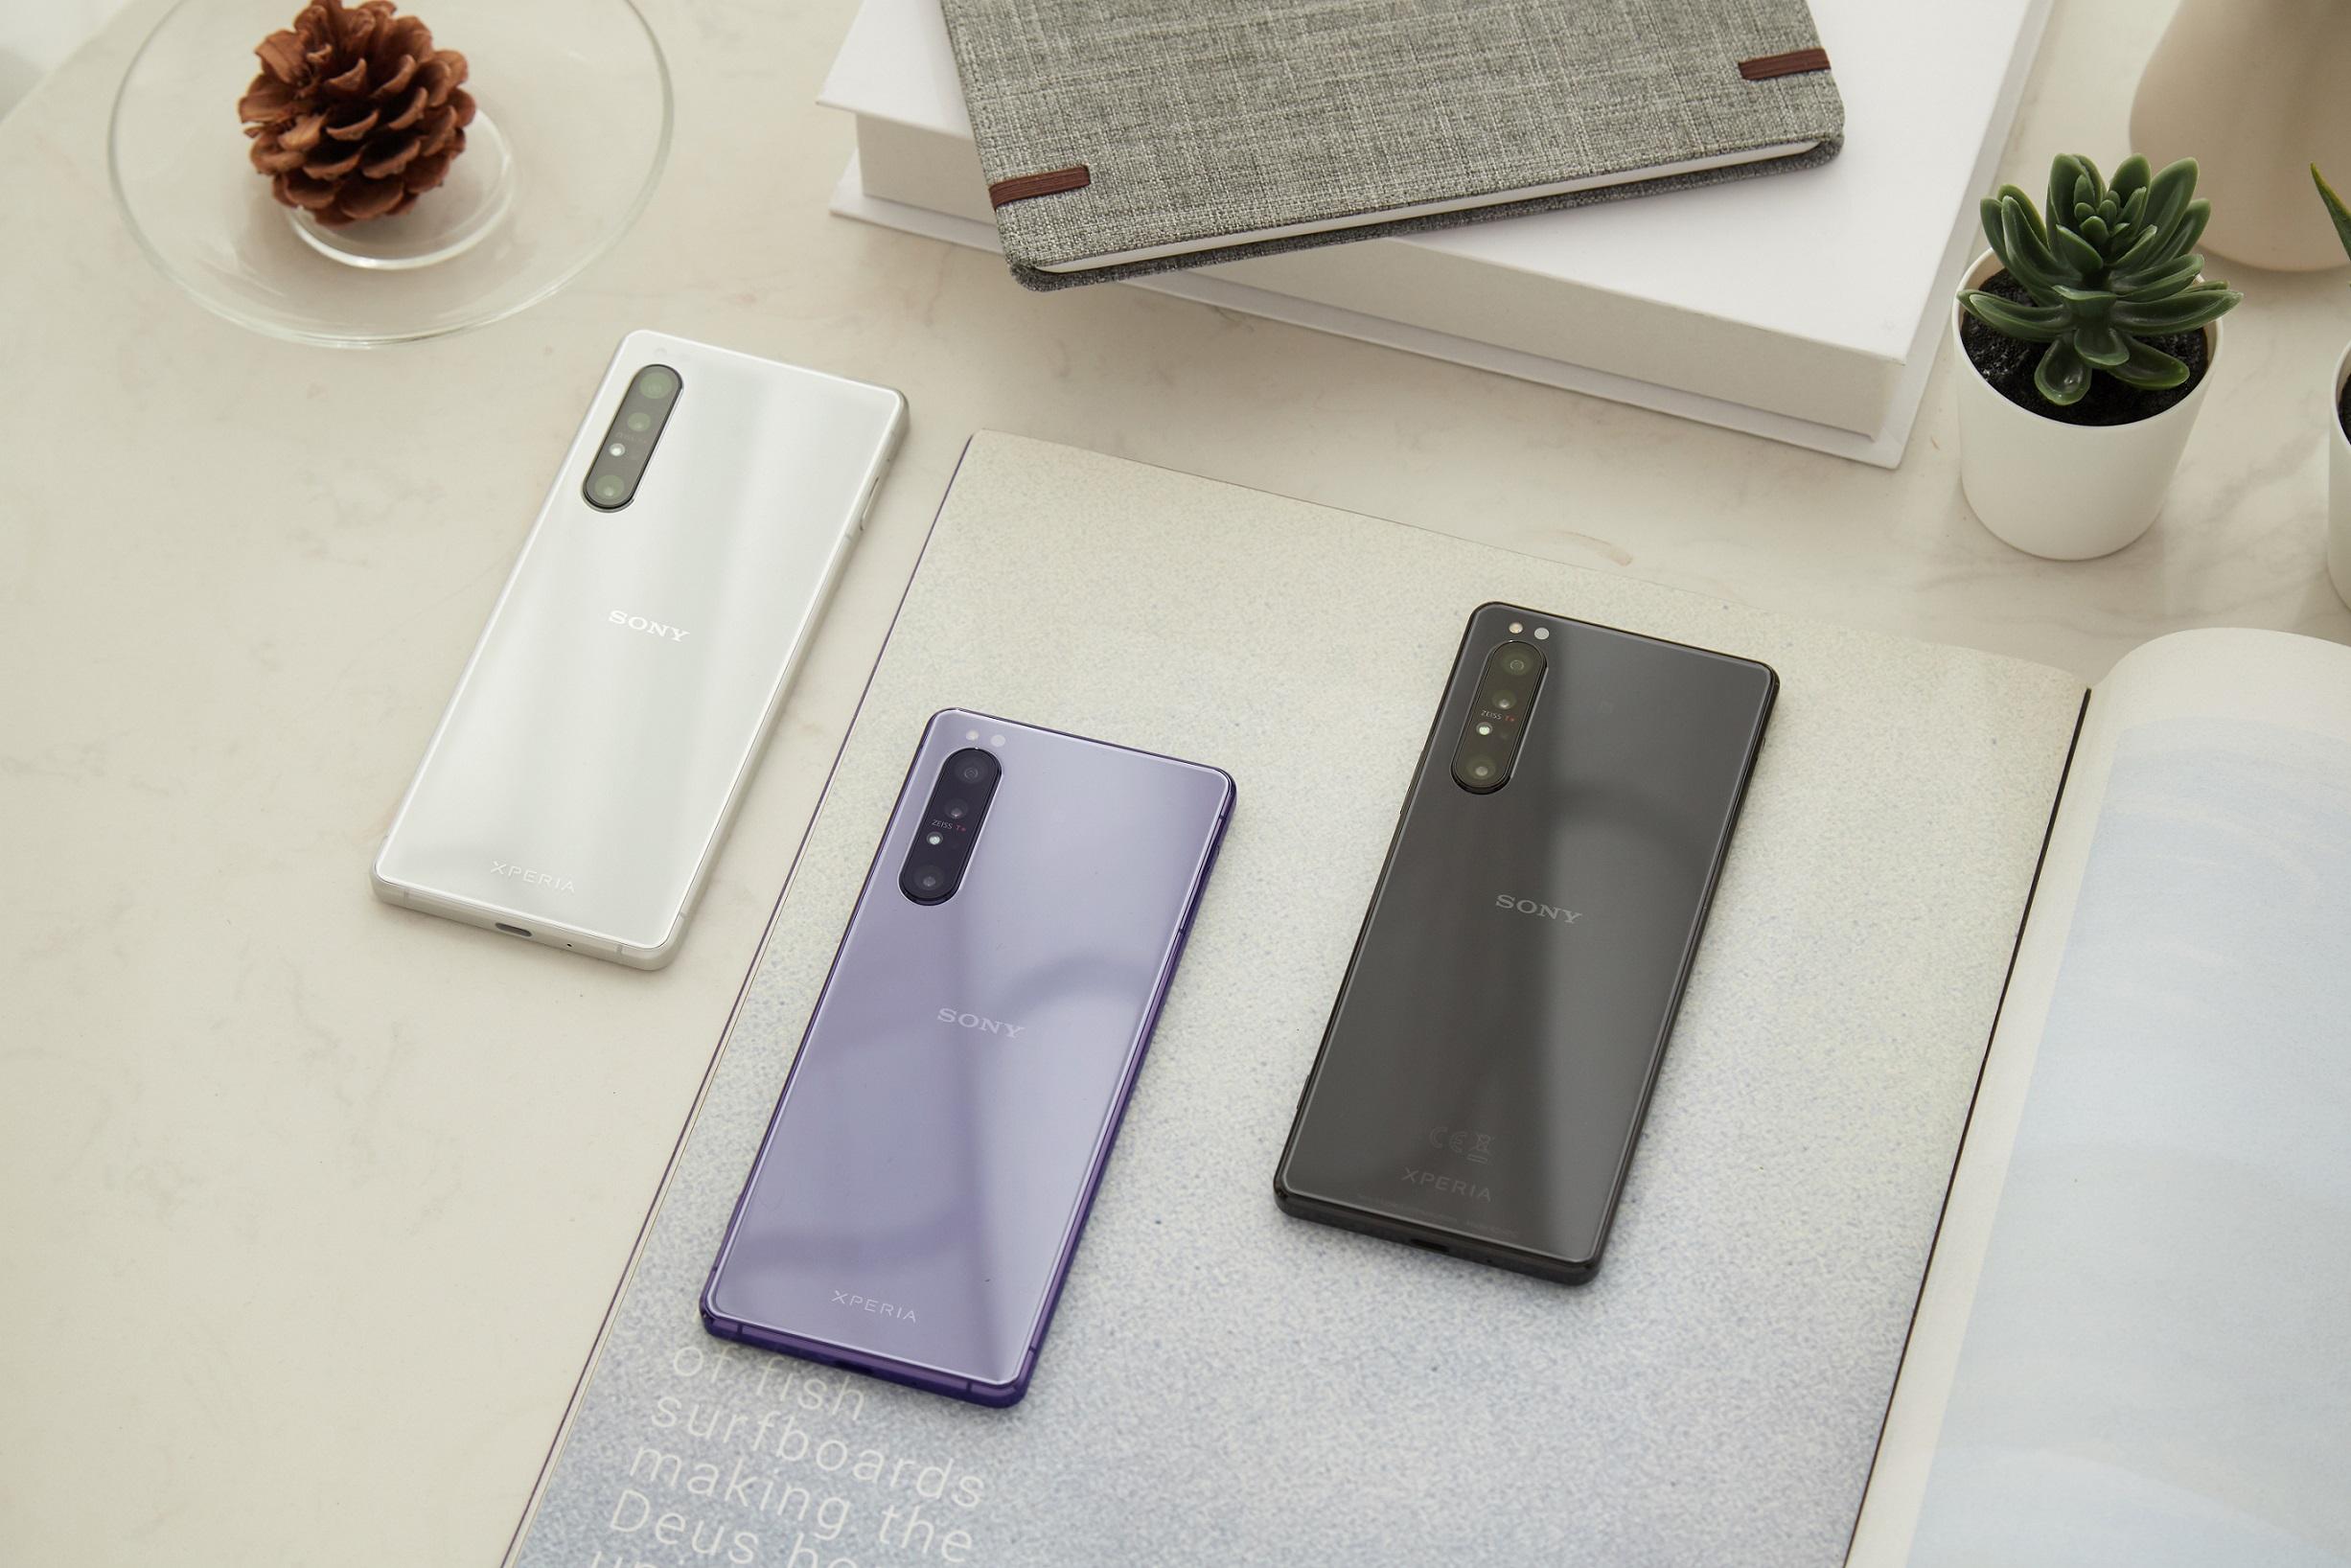 Xperia 1 II 首款推出耀黑、羽白、鏡紫三款質感手機顏色選擇